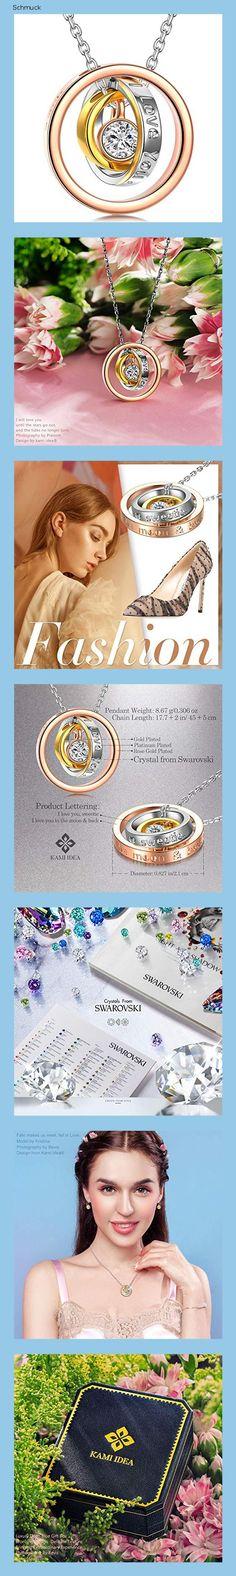 Kami Idea Halskette Damen Mutter Kette Geschenk für Frauen Rosegold Anhänger Kristalle von Swarovski Weihnachten Schmuck Geschenkbox Kettenlänge - 14h9